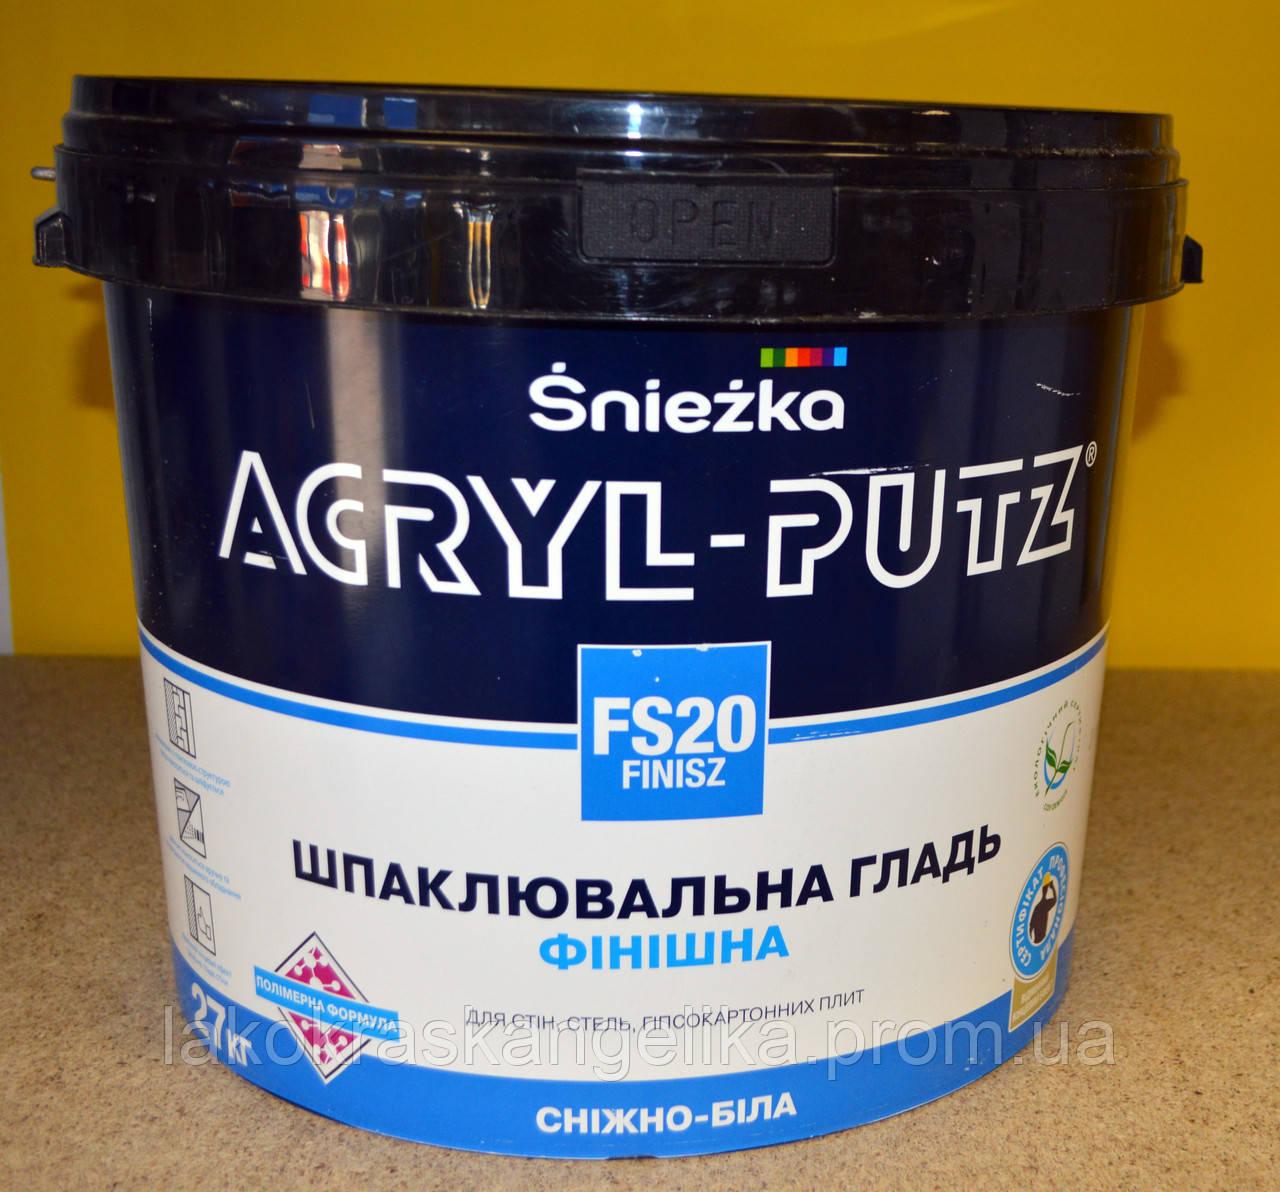 Продажа финишной шпатлевки акрил путц полиуретановый плинтус perfect перфект ab167